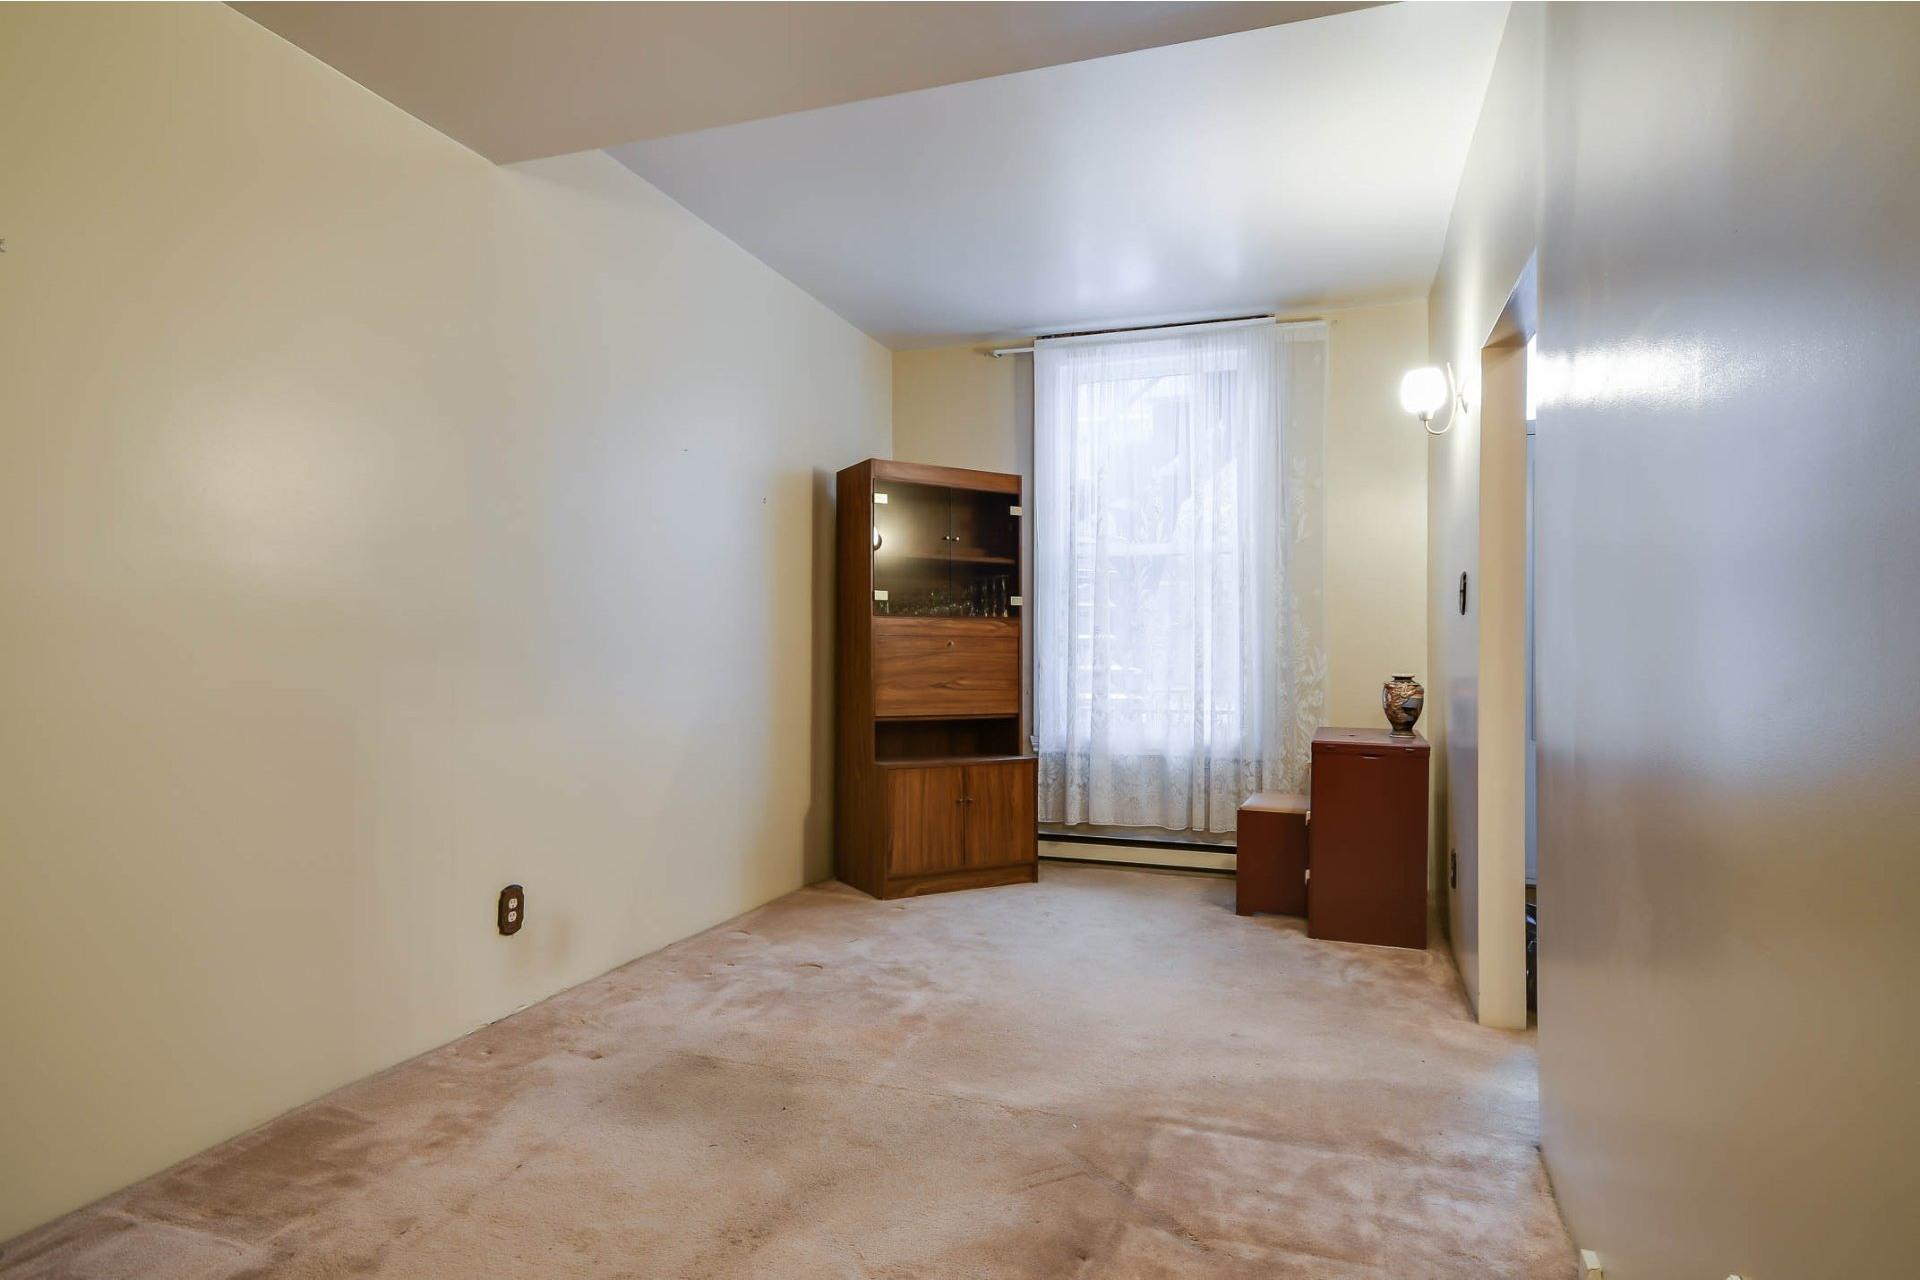 image 13 - Duplex À vendre Rosemont/La Petite-Patrie Montréal  - 5 pièces